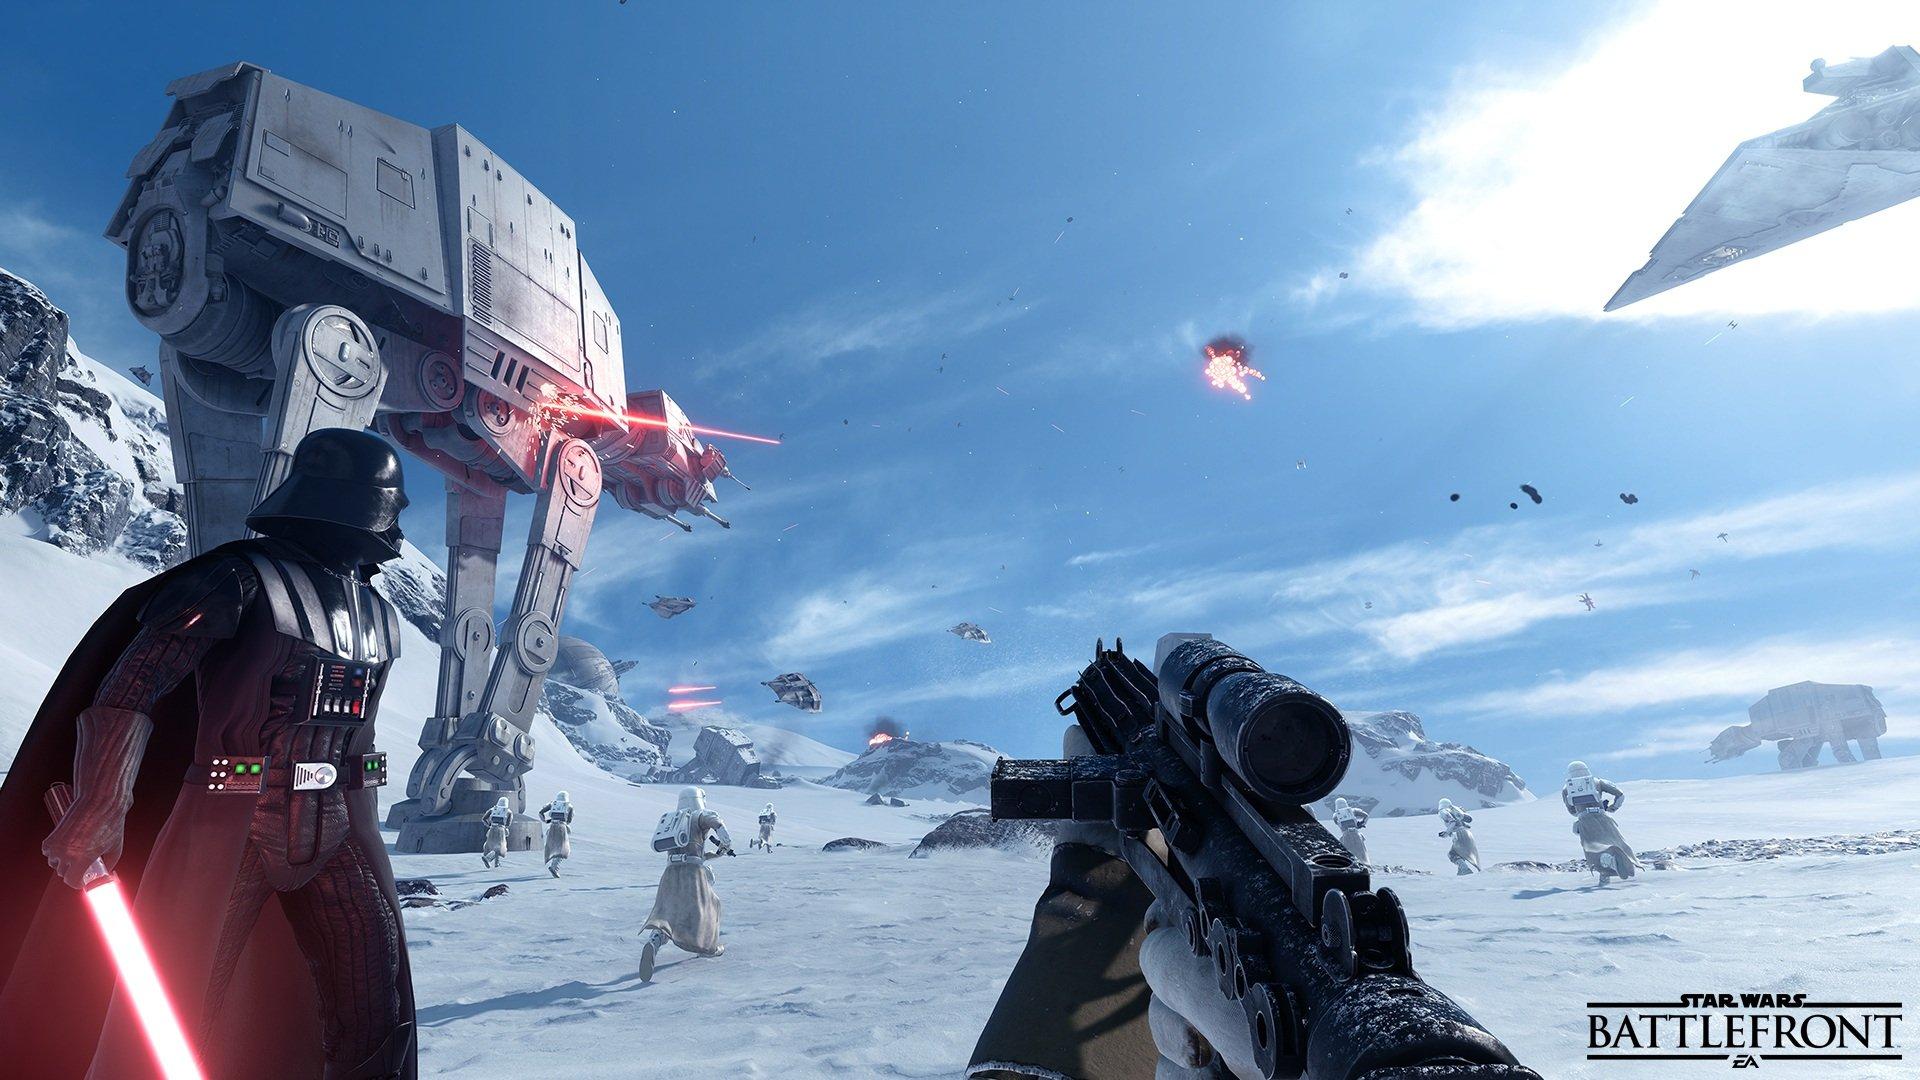 Star Wars: Battlefront - средняя оценка игры в прессе не дотягивает до 8 баллов. - Изображение 1